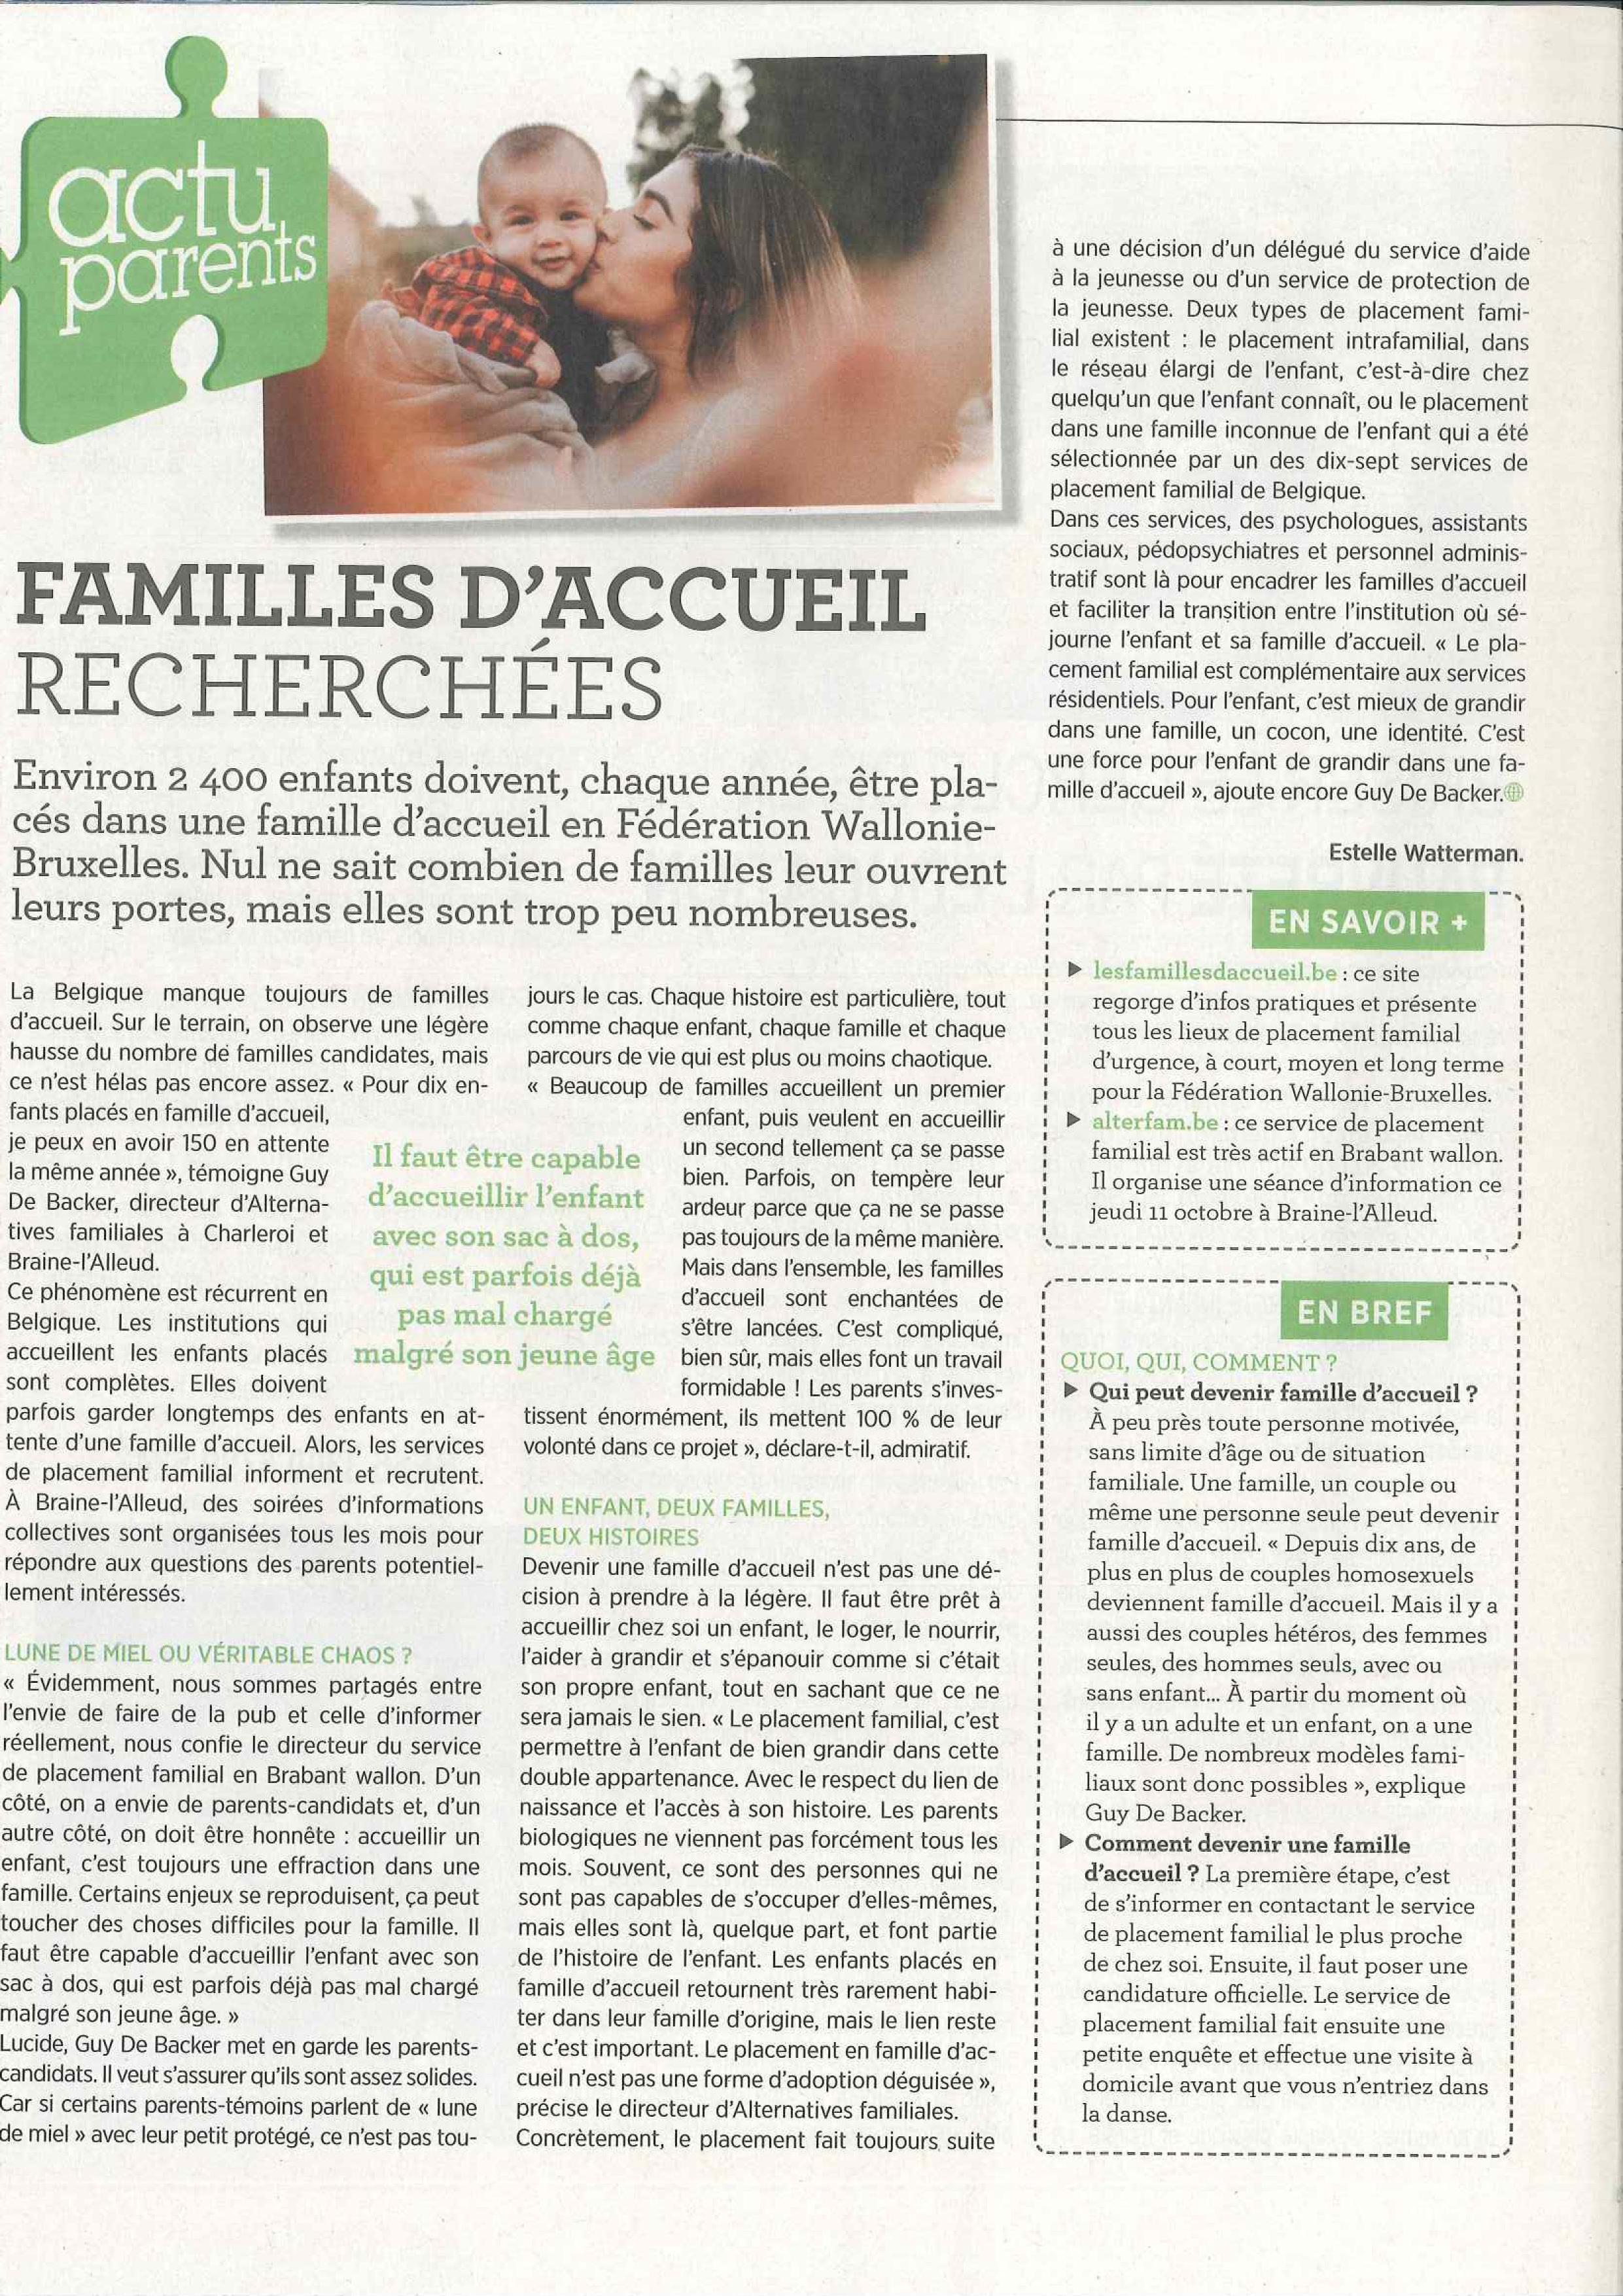 Article sur les familles d'accueil paru dans le ligueur du 10/10/2018